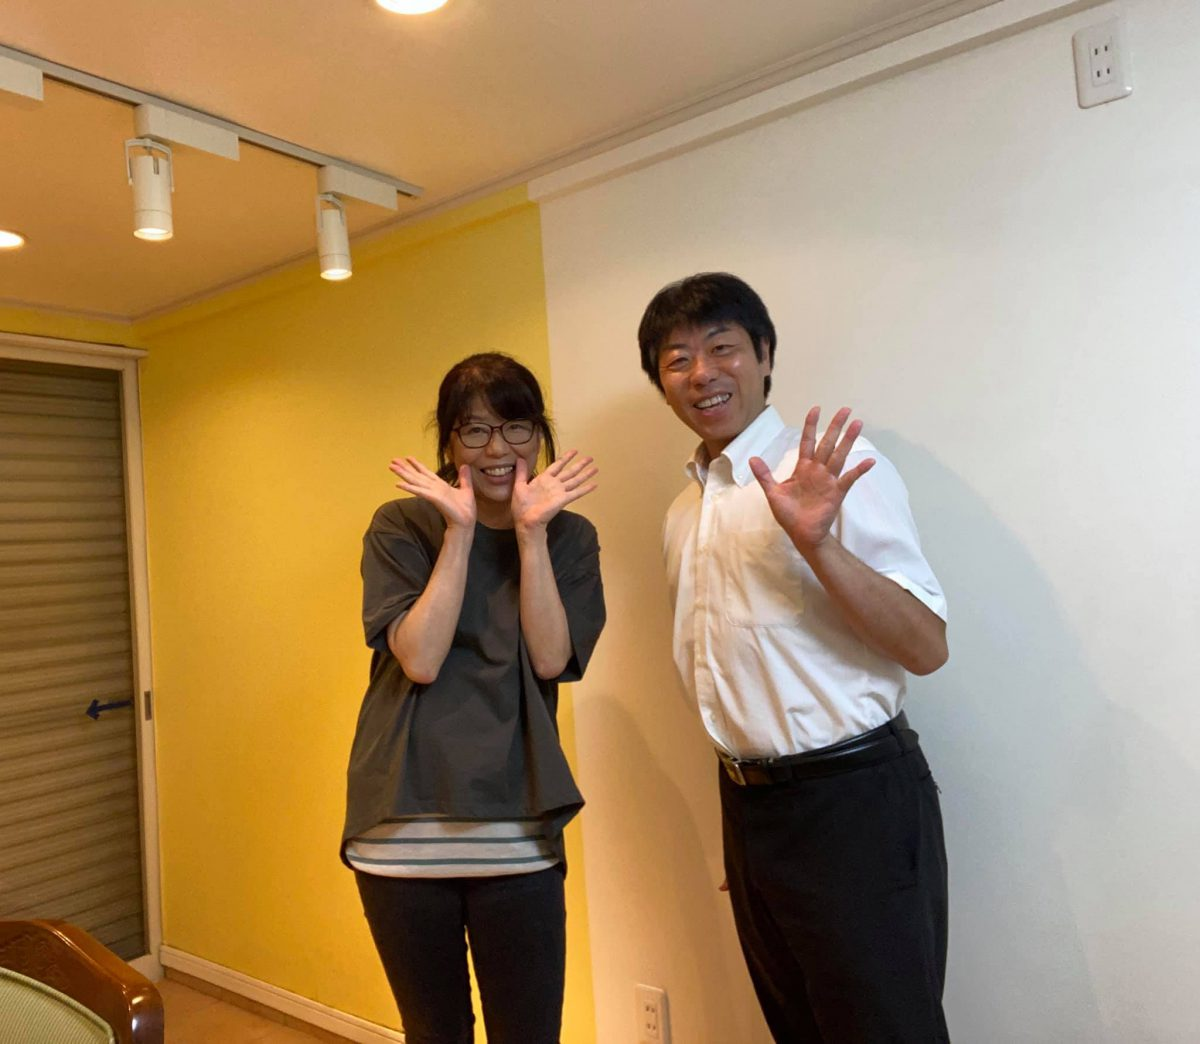 東京北千住にて【認知症トレーナー養成講座 個人レッスン】を開催しました。